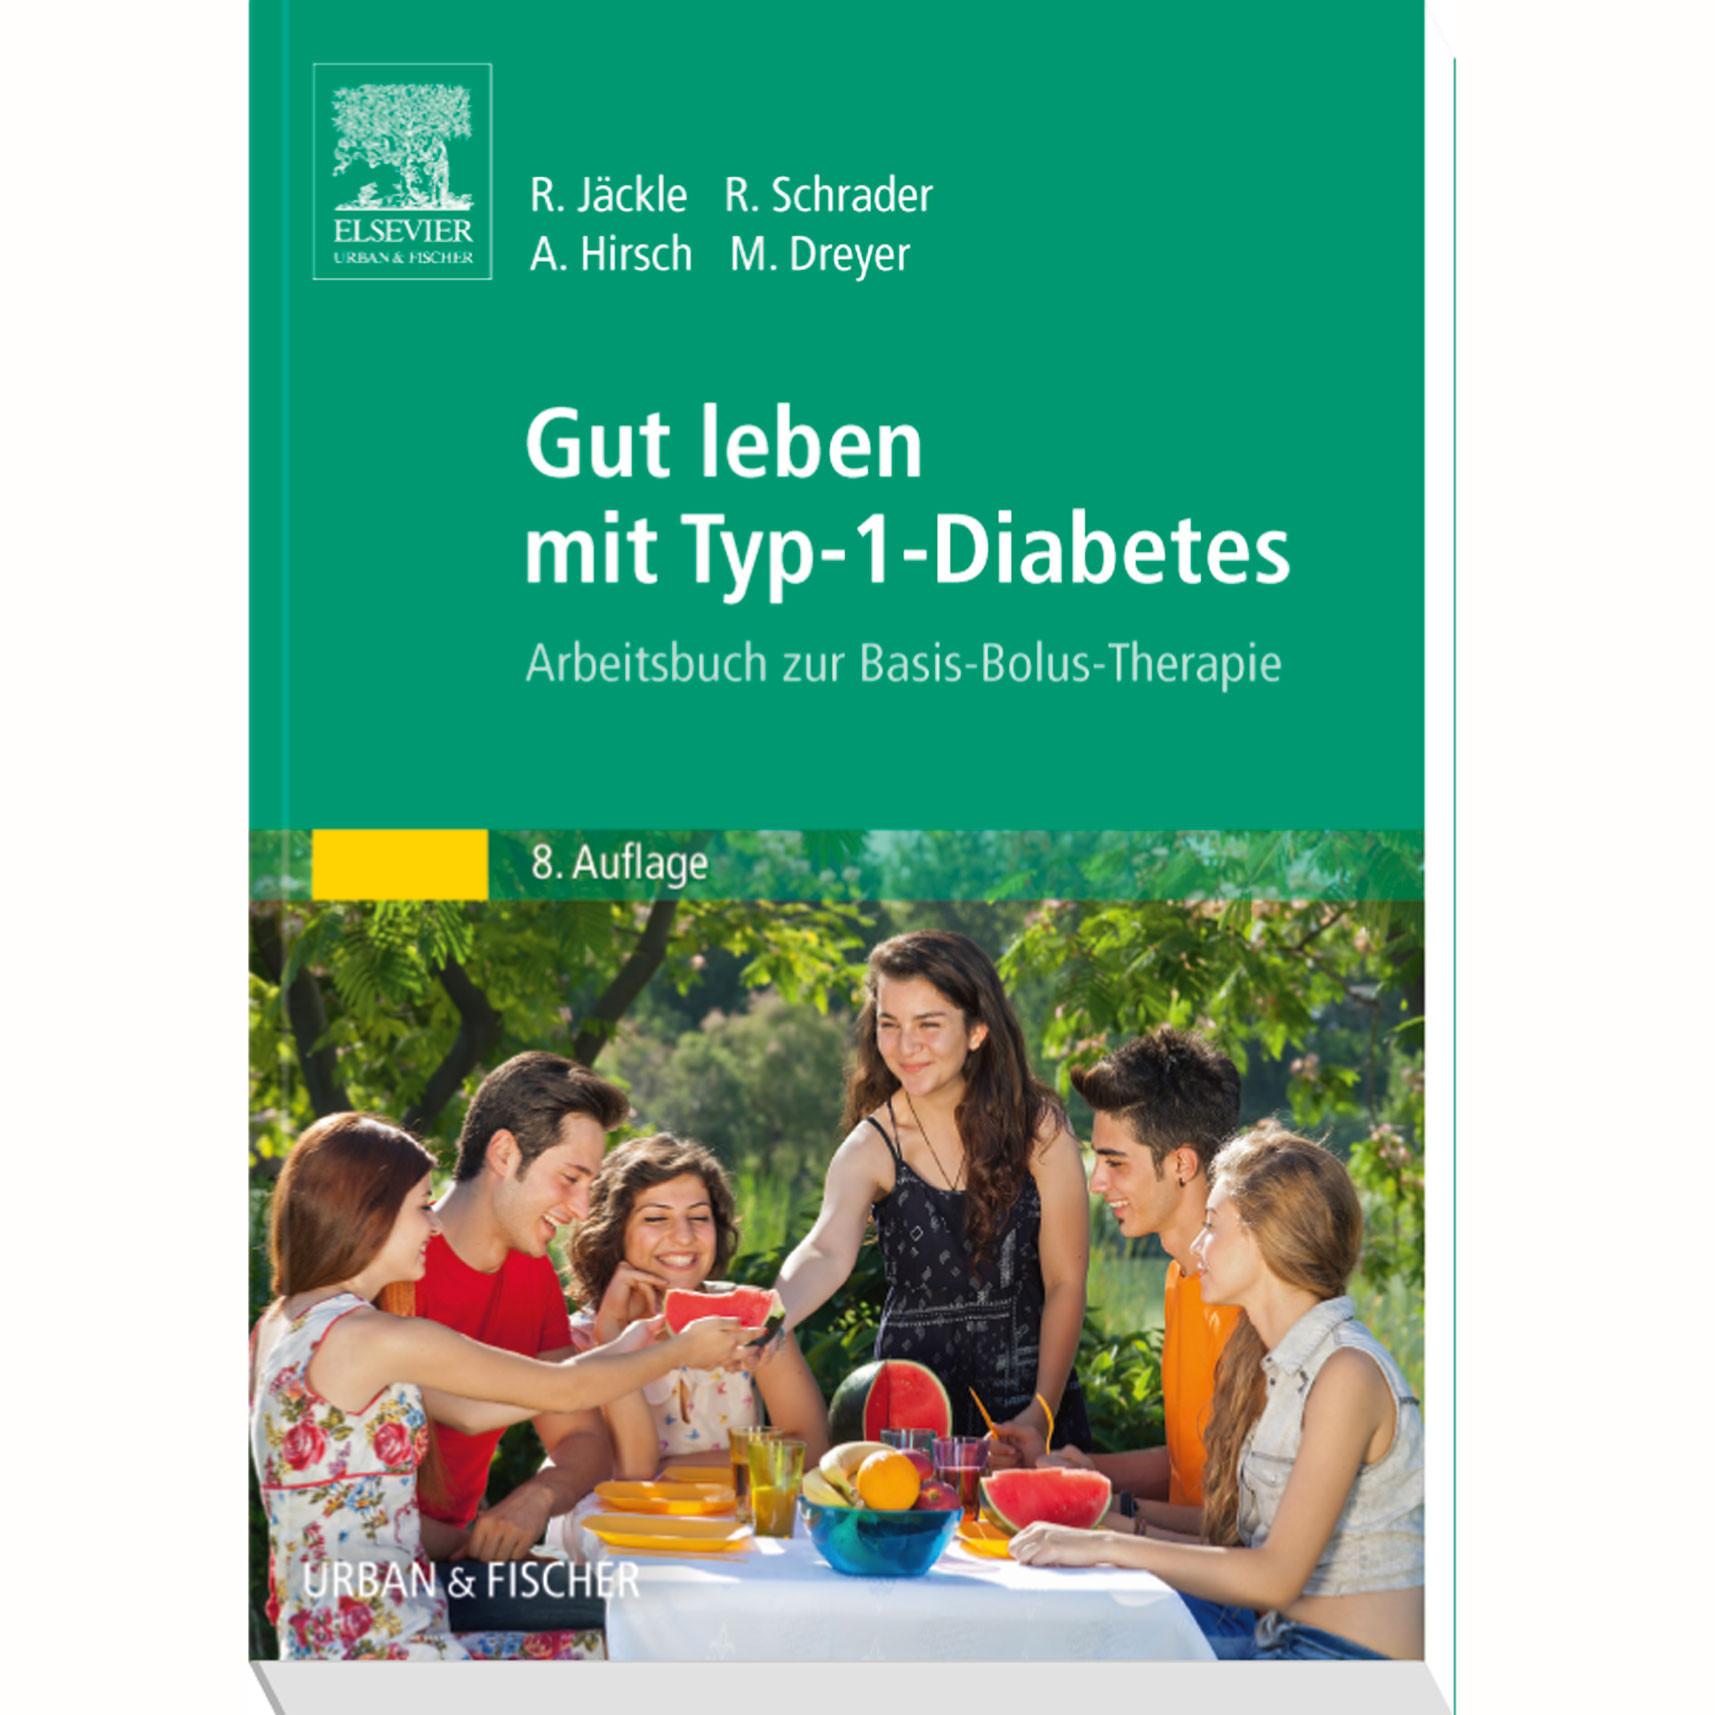 Gut leben mit Typ-1-Diabetes - Schulungsbuch / 1 Buch   DIASHOP